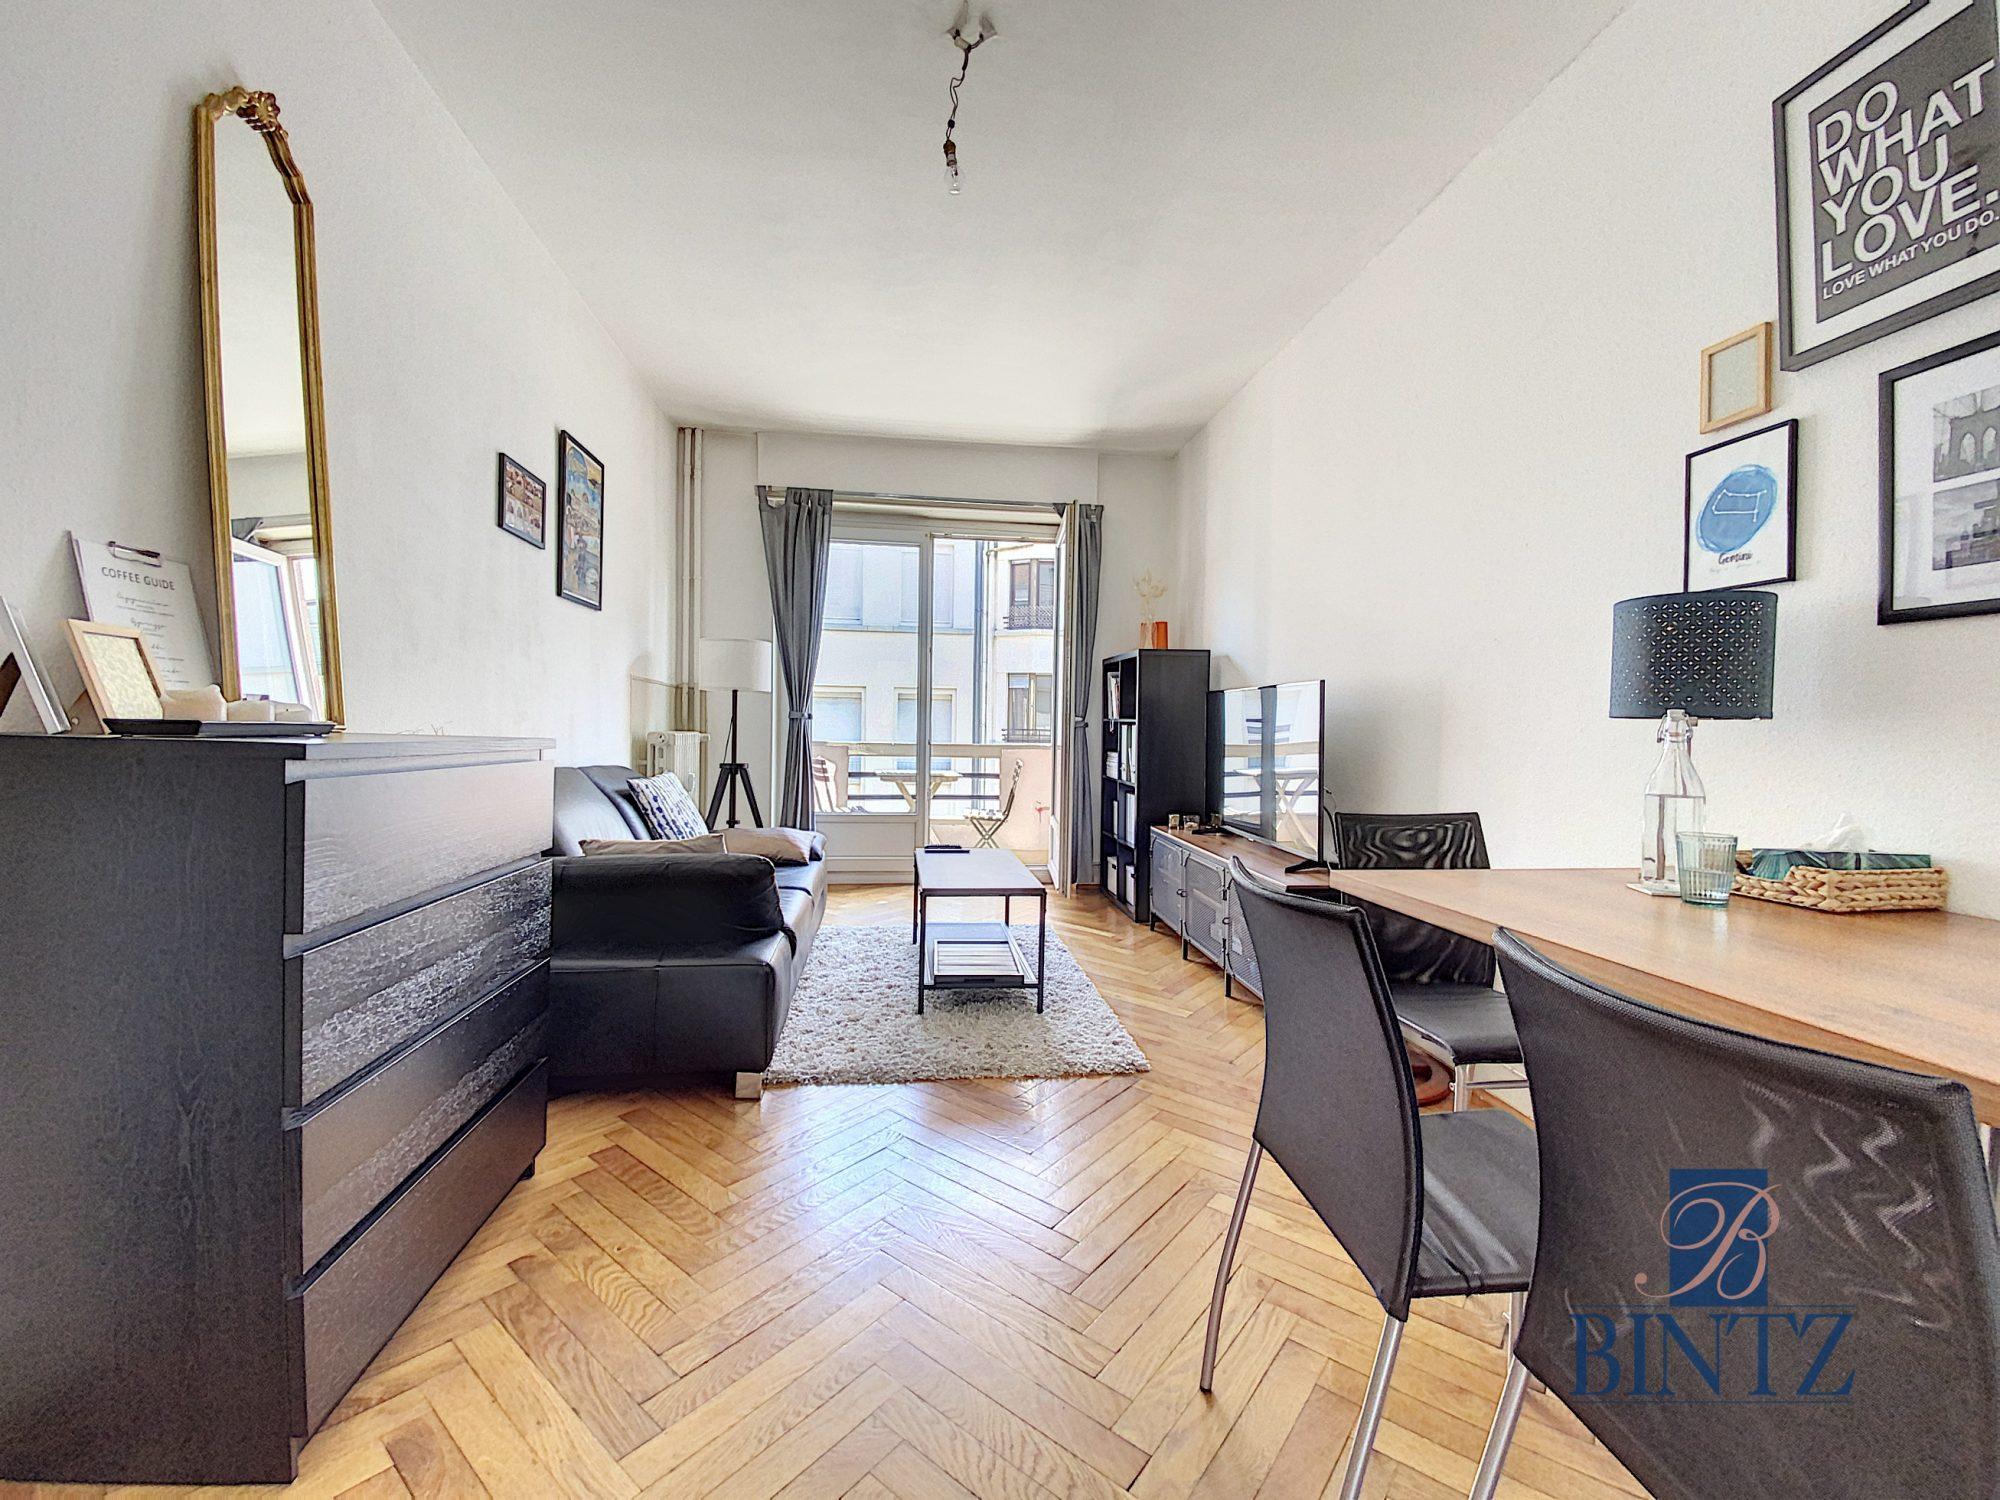 2 PIECES AVEC BALCON KRUTENAU - Devenez locataire en toute sérénité - Bintz Immobilier - 11